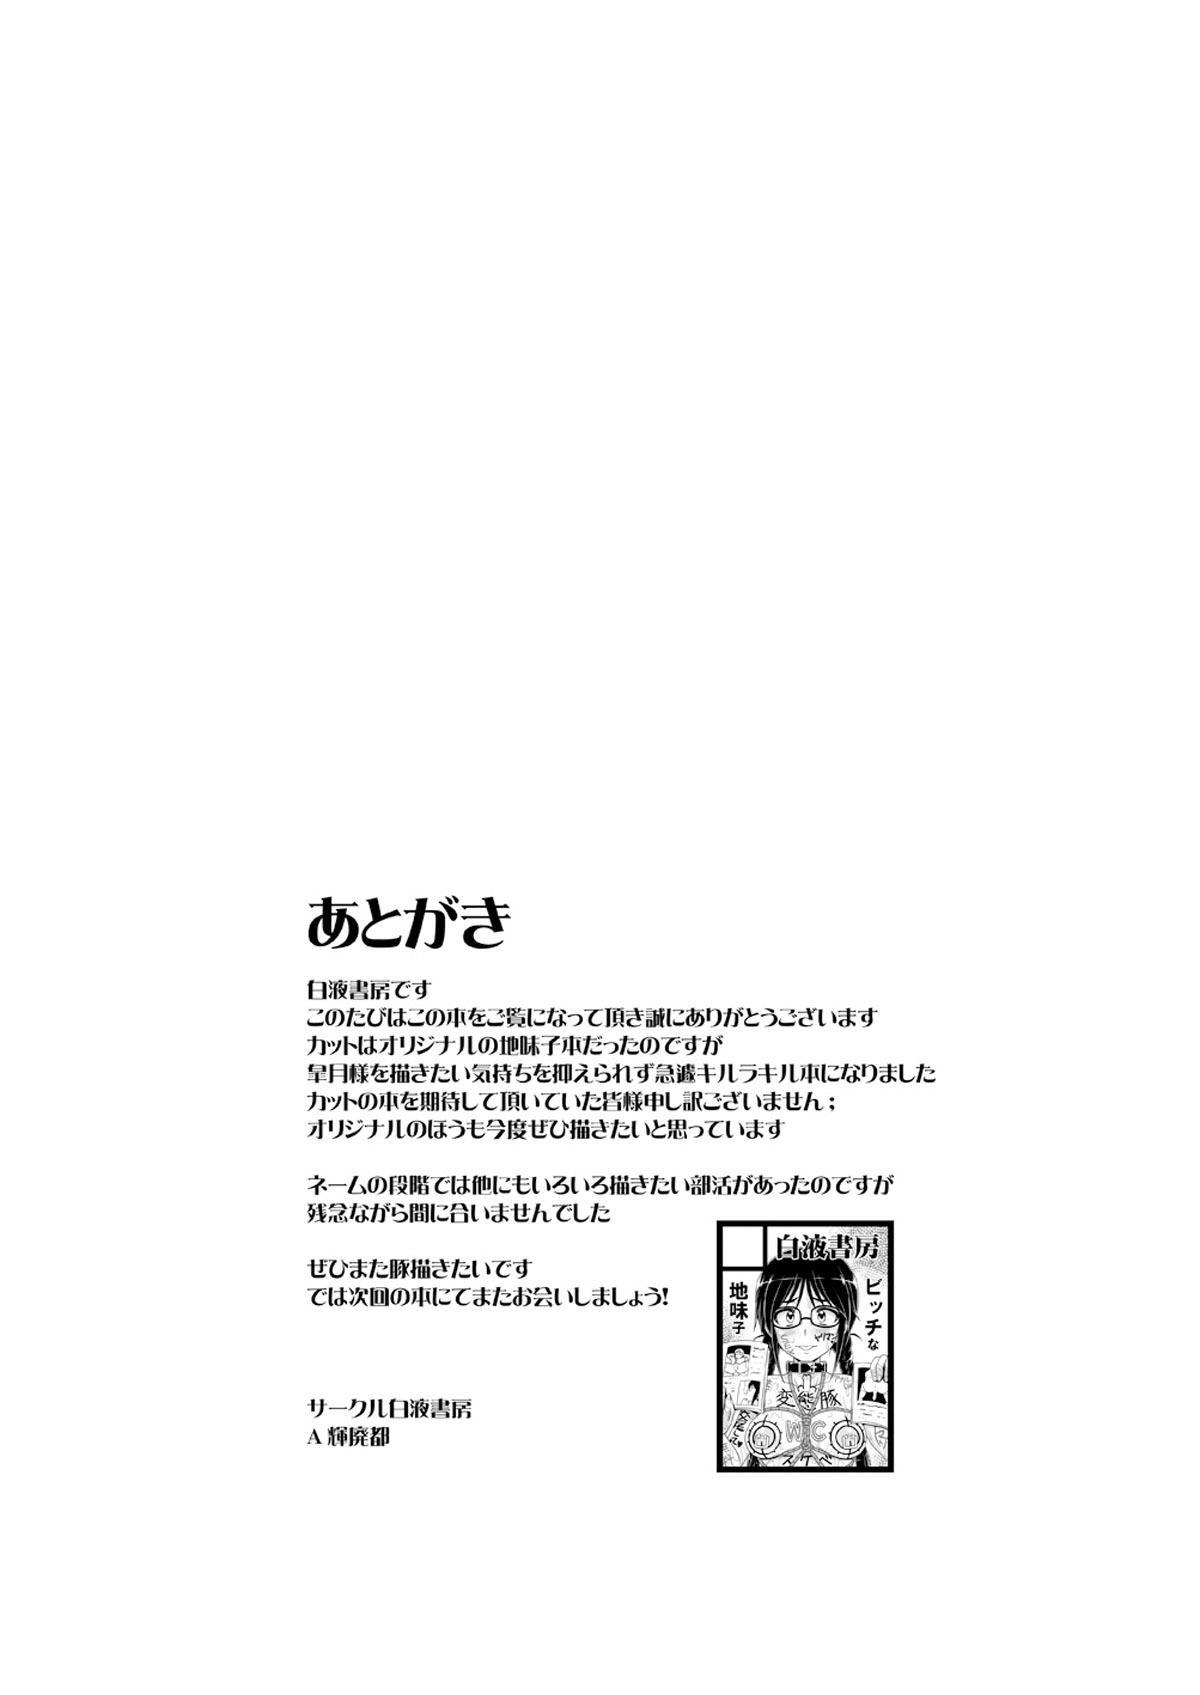 Chitonin Satsuki no Show Time 18